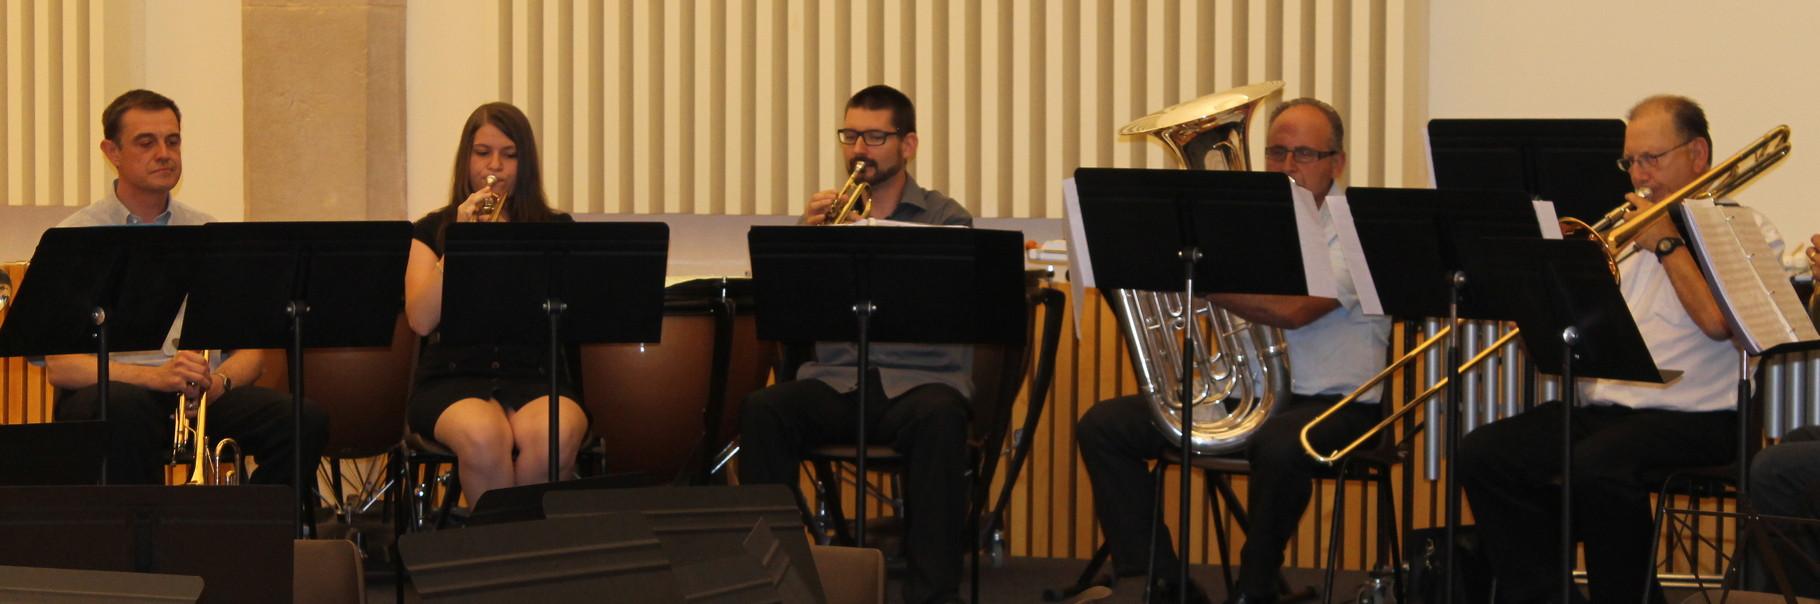 Répétition de l'ensemble de cuivres pour le concert à la salle des fêtes de Belley